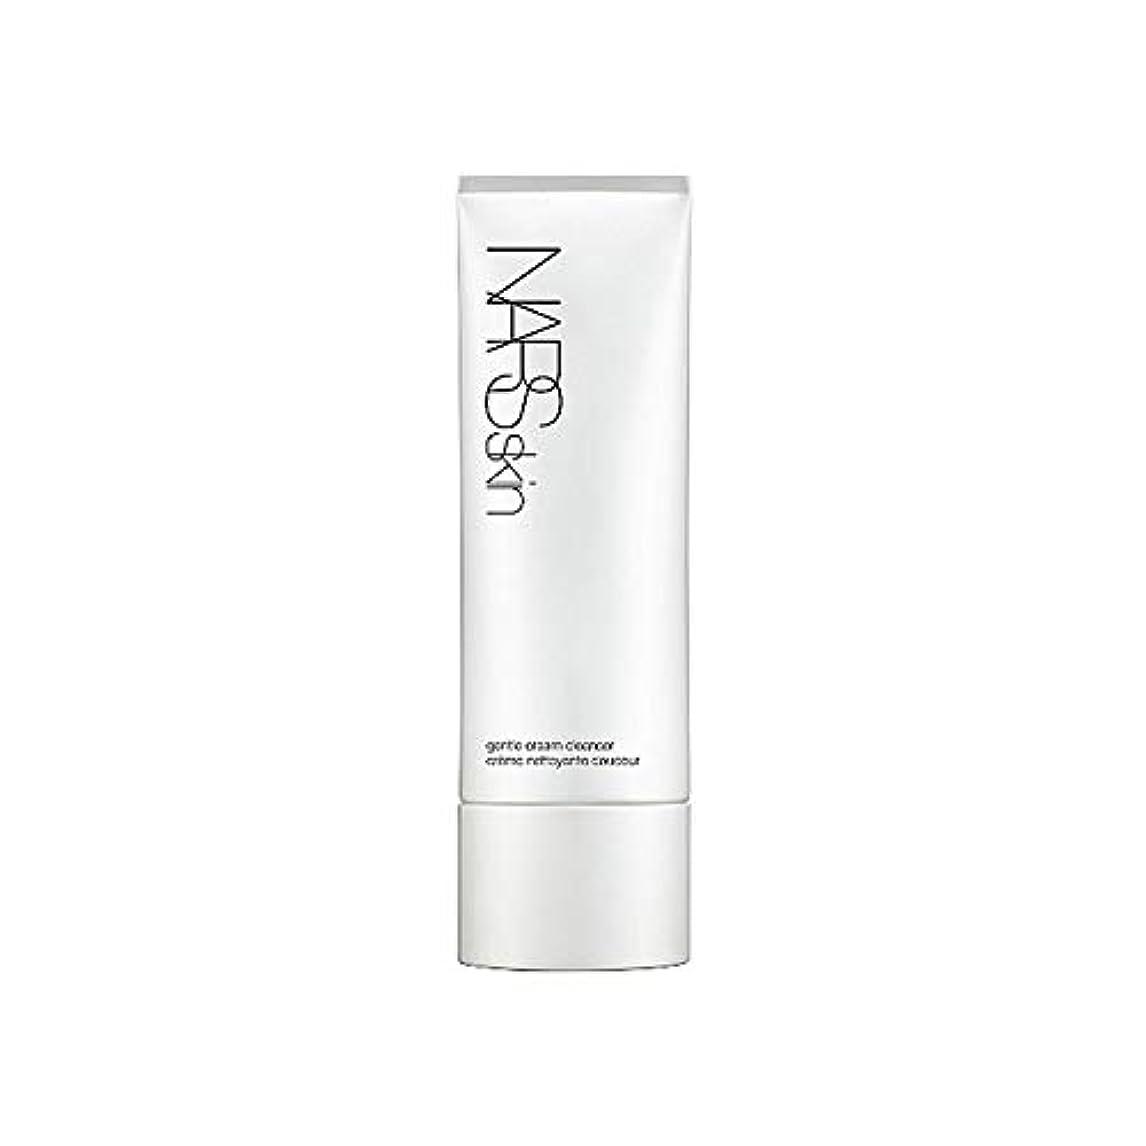 聖域こどもの日コンパイル[Nars] Narは優しいクリームクレンザー125ミリリットル - Nars Gentle Cream Cleanser 125ml [並行輸入品]